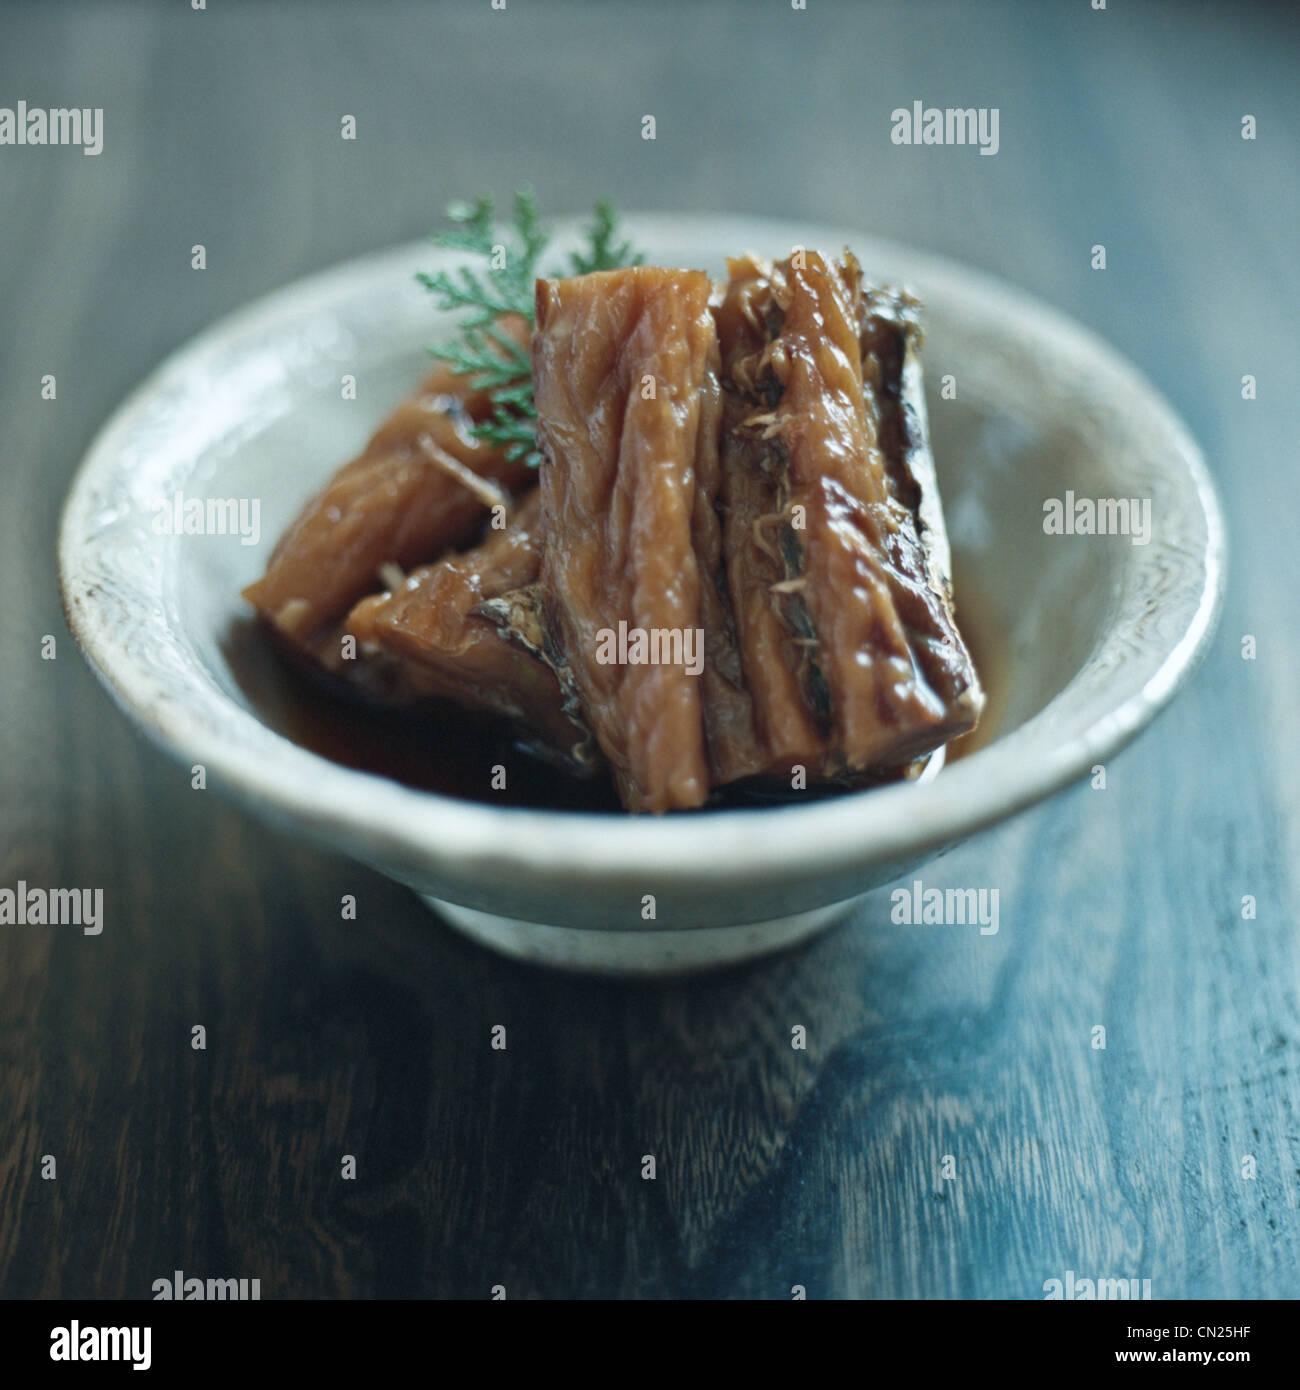 Japanese dish - Stock Image